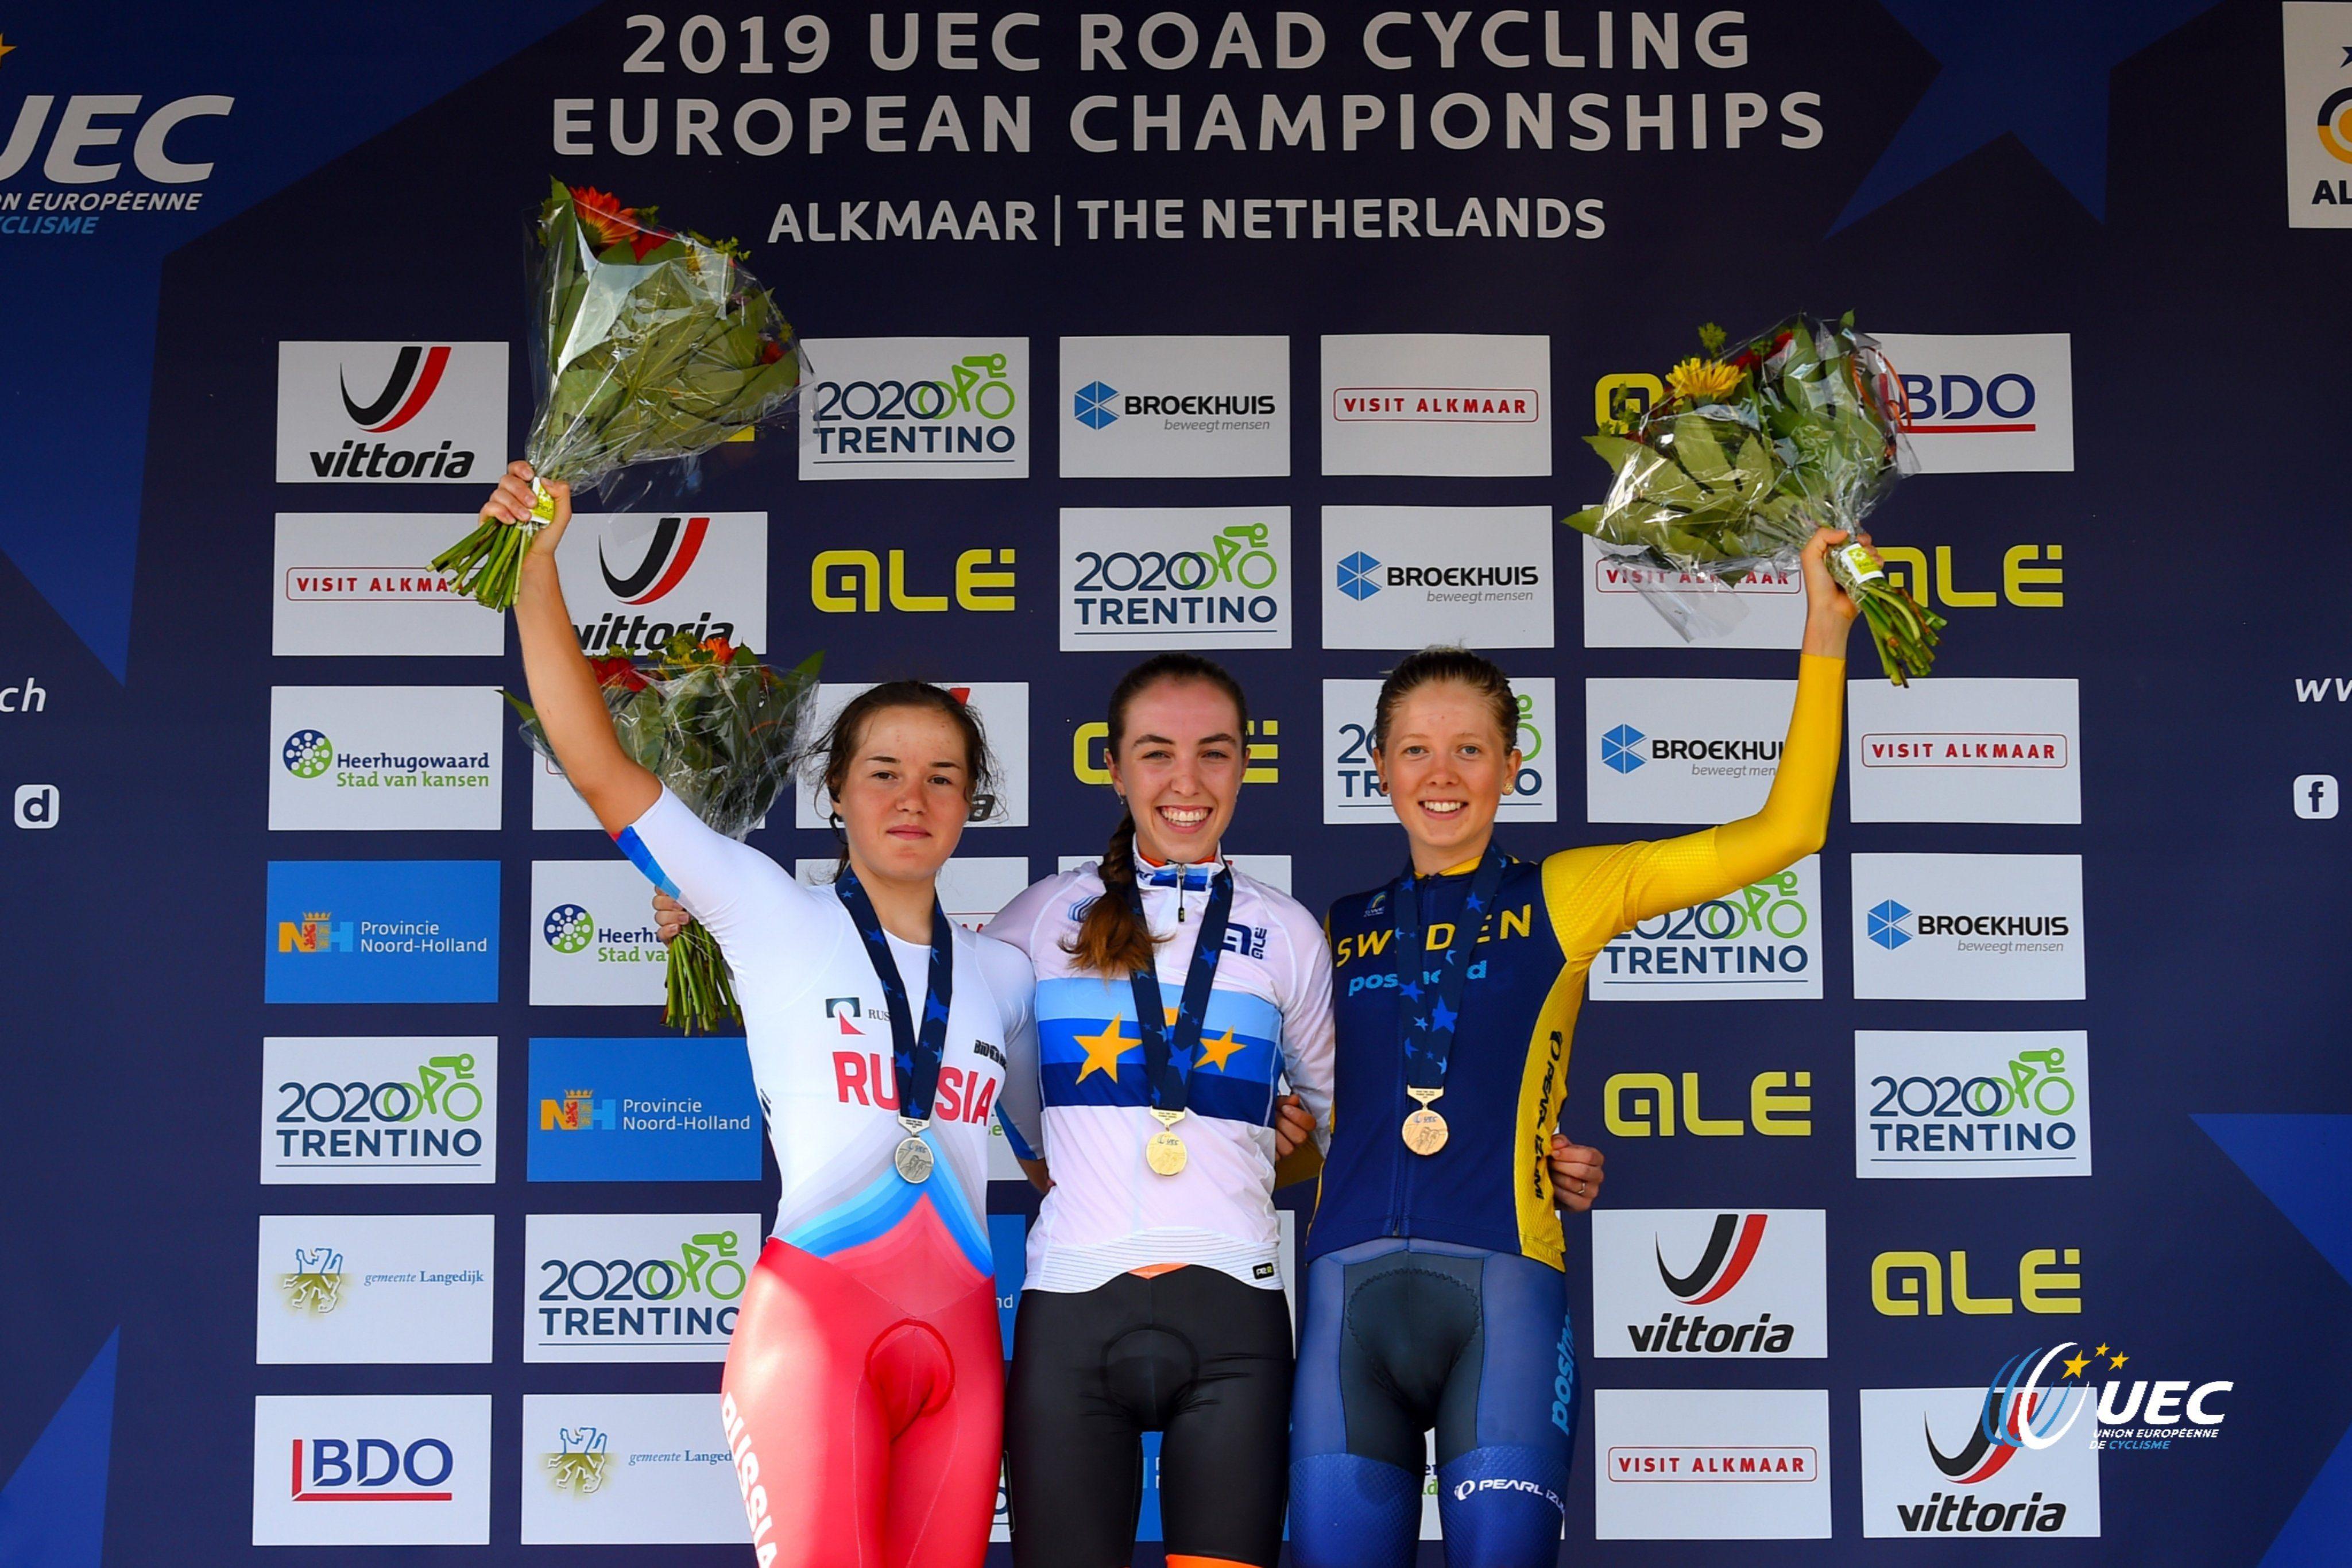 Ширин ван Анрой опередила Айгуль Гарееву на две секунды в борьбе за золото на чемпионате Европы в Алкмаре